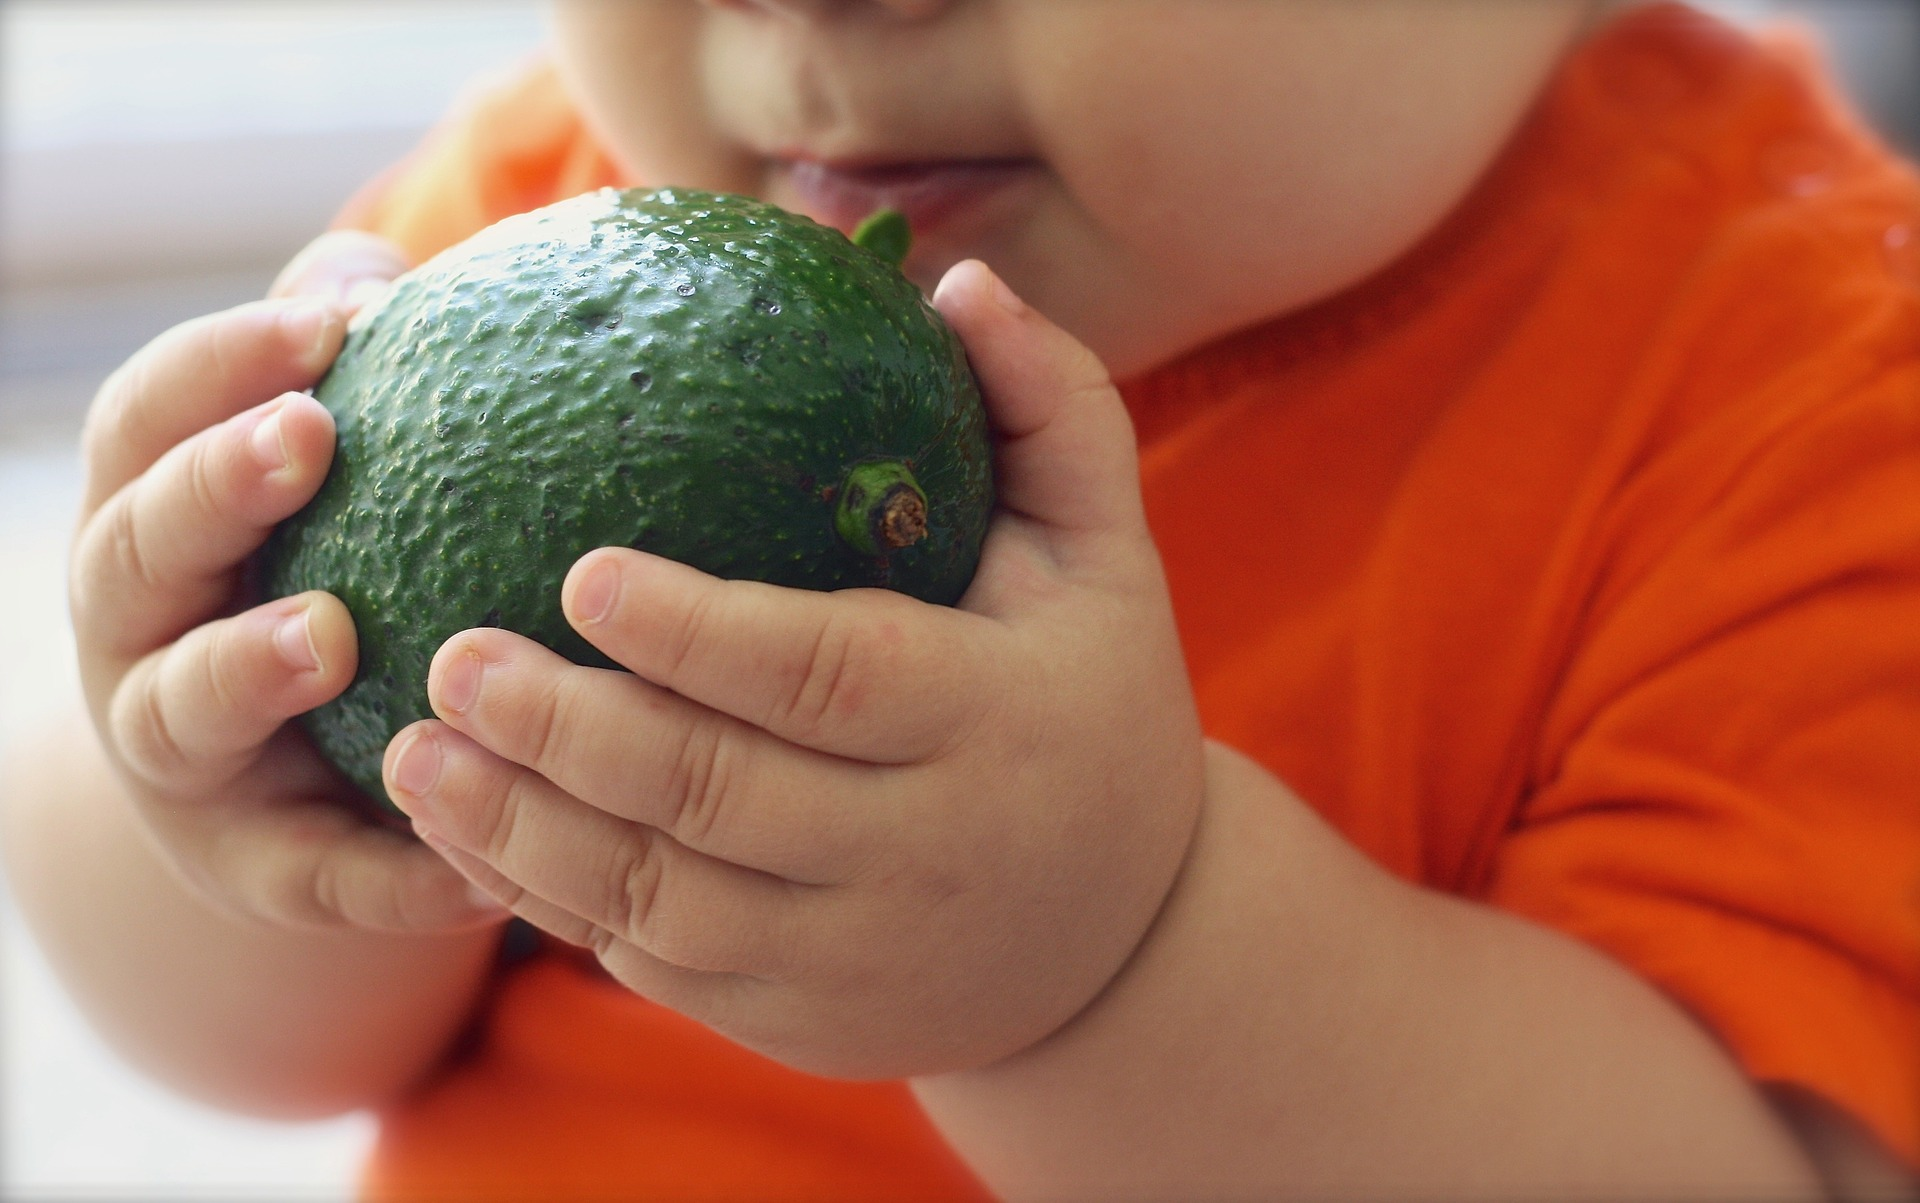 baby leren eten met de rapley methode